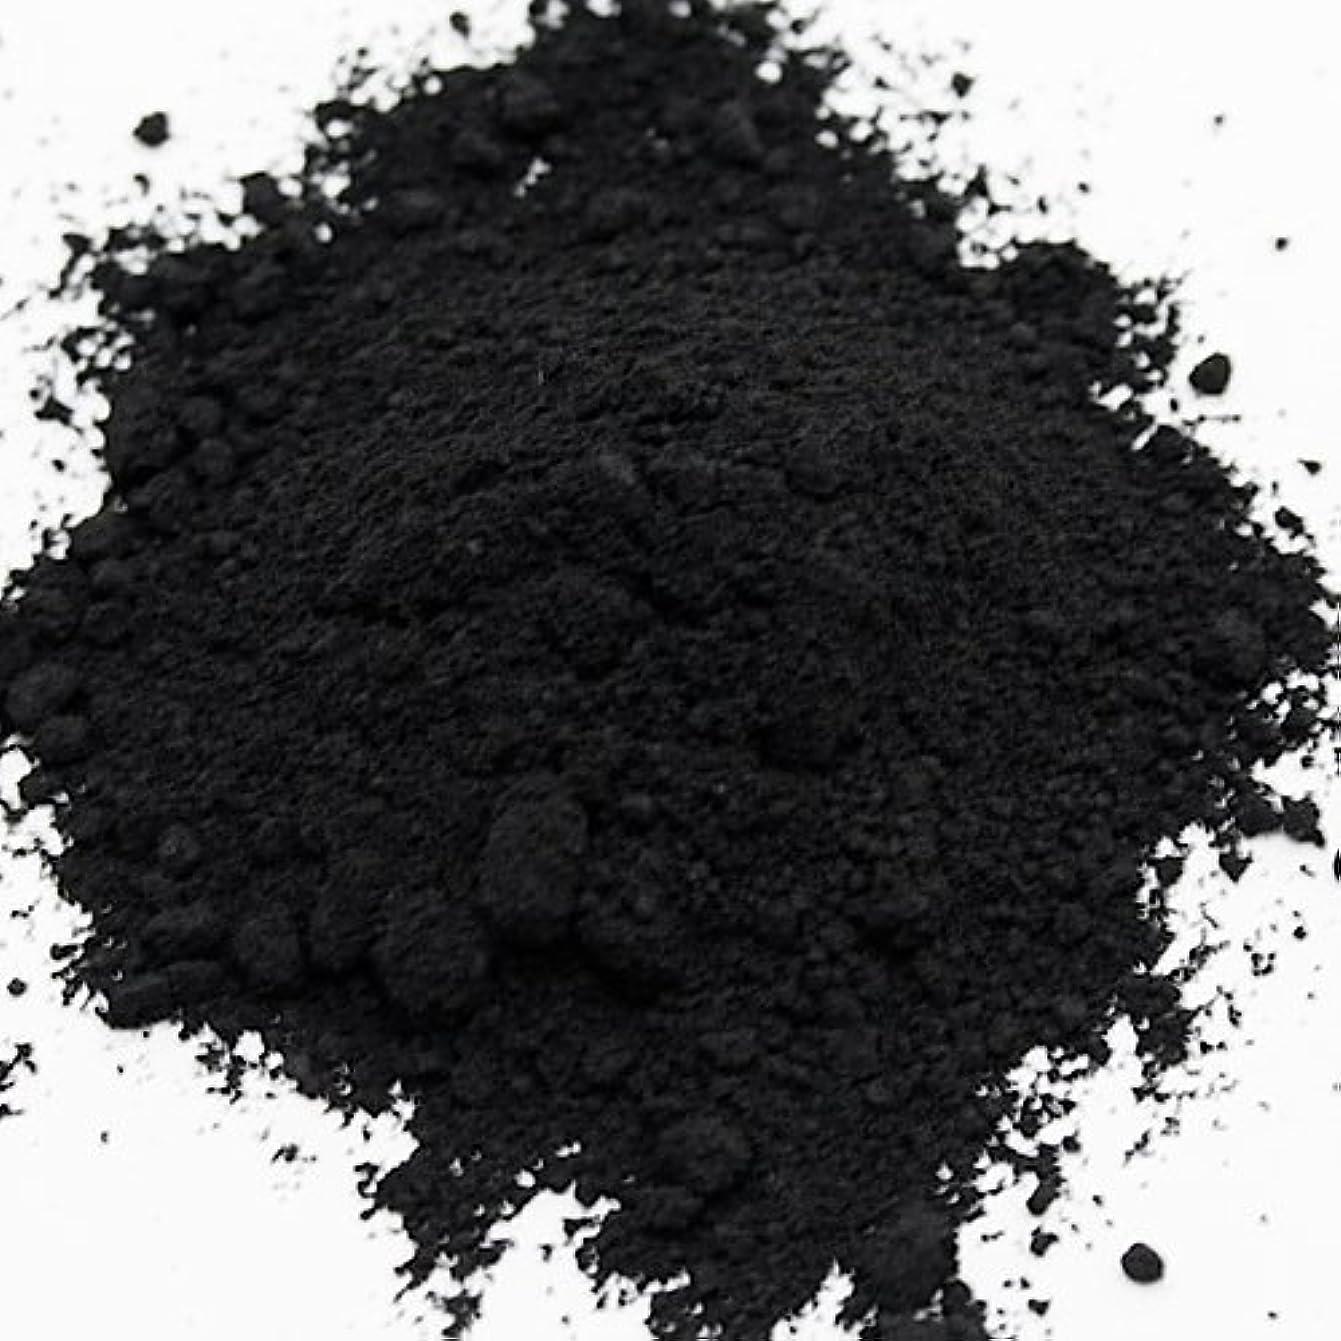 スパン緊張するツーリスト酸化鉄 ブラック 5g 【手作り石鹸/手作りコスメ/色付け/カラーラント/黒】